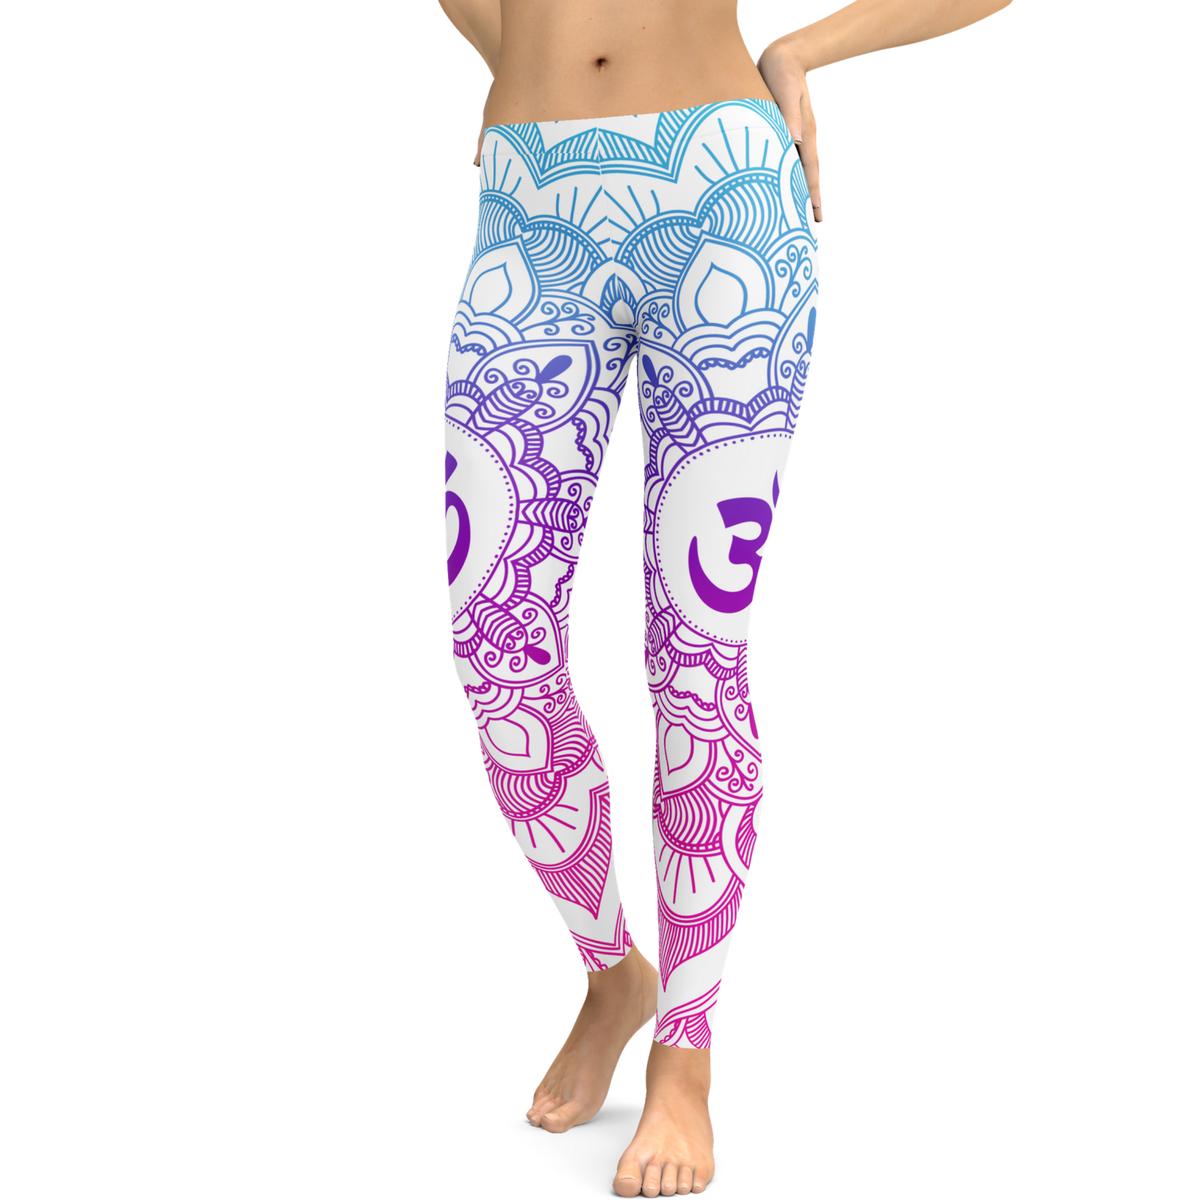 68531c9c72 Womens Yoga Leggings - 3D Printed OM